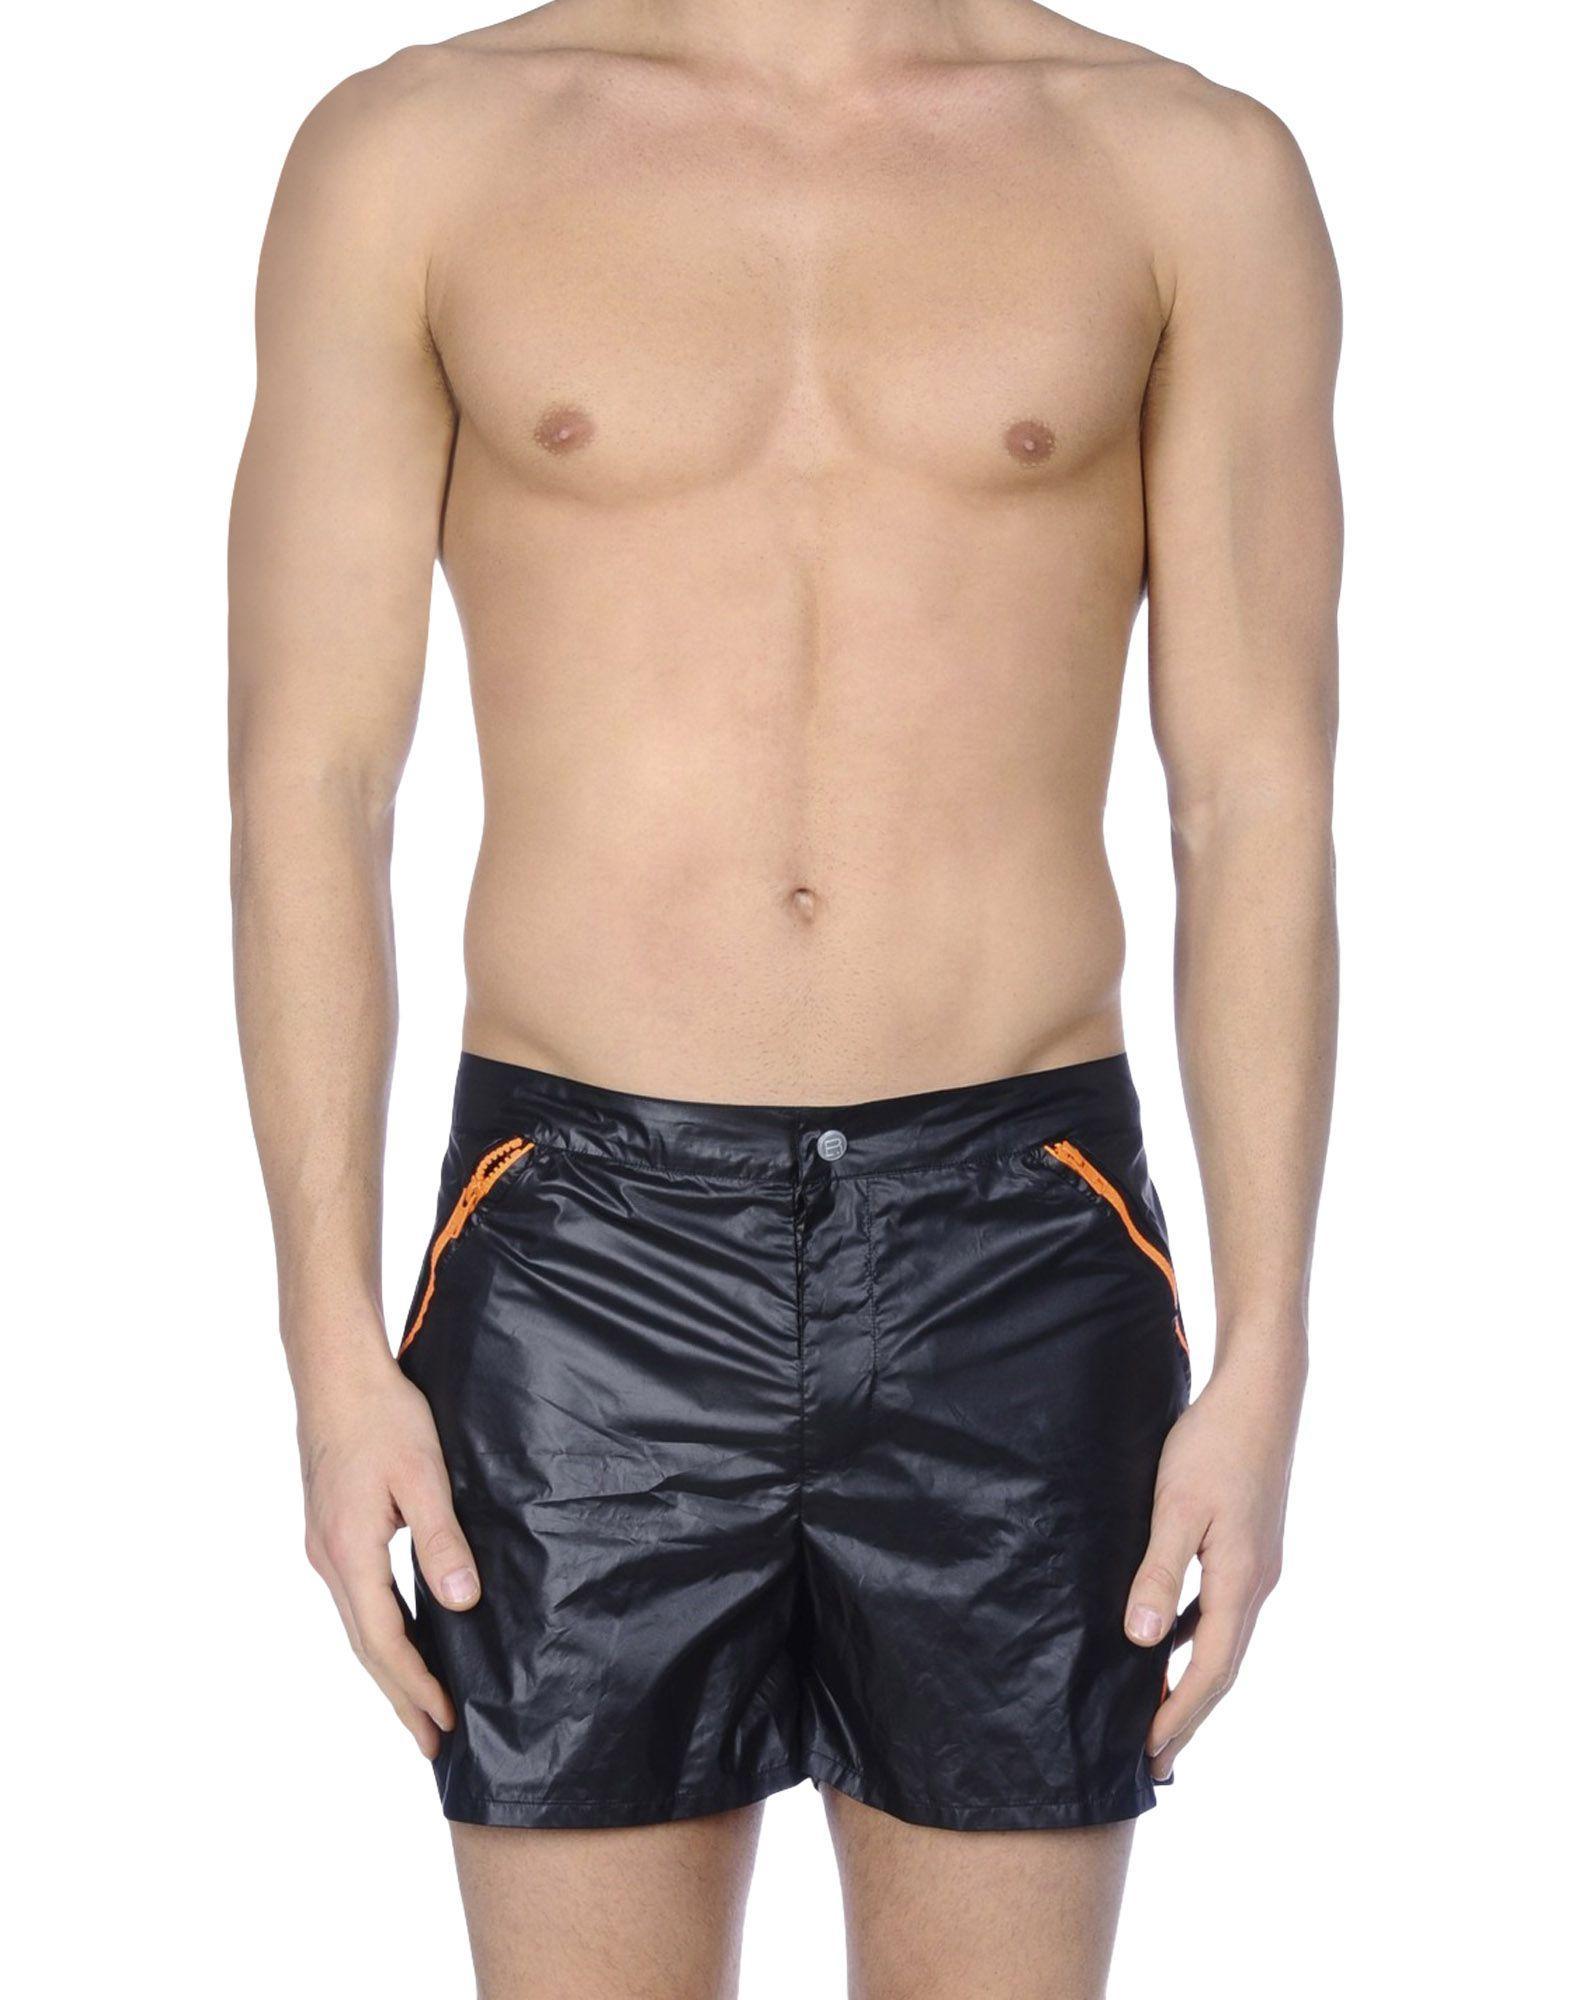 Robinson les bains Swim Trunks in Black for Men